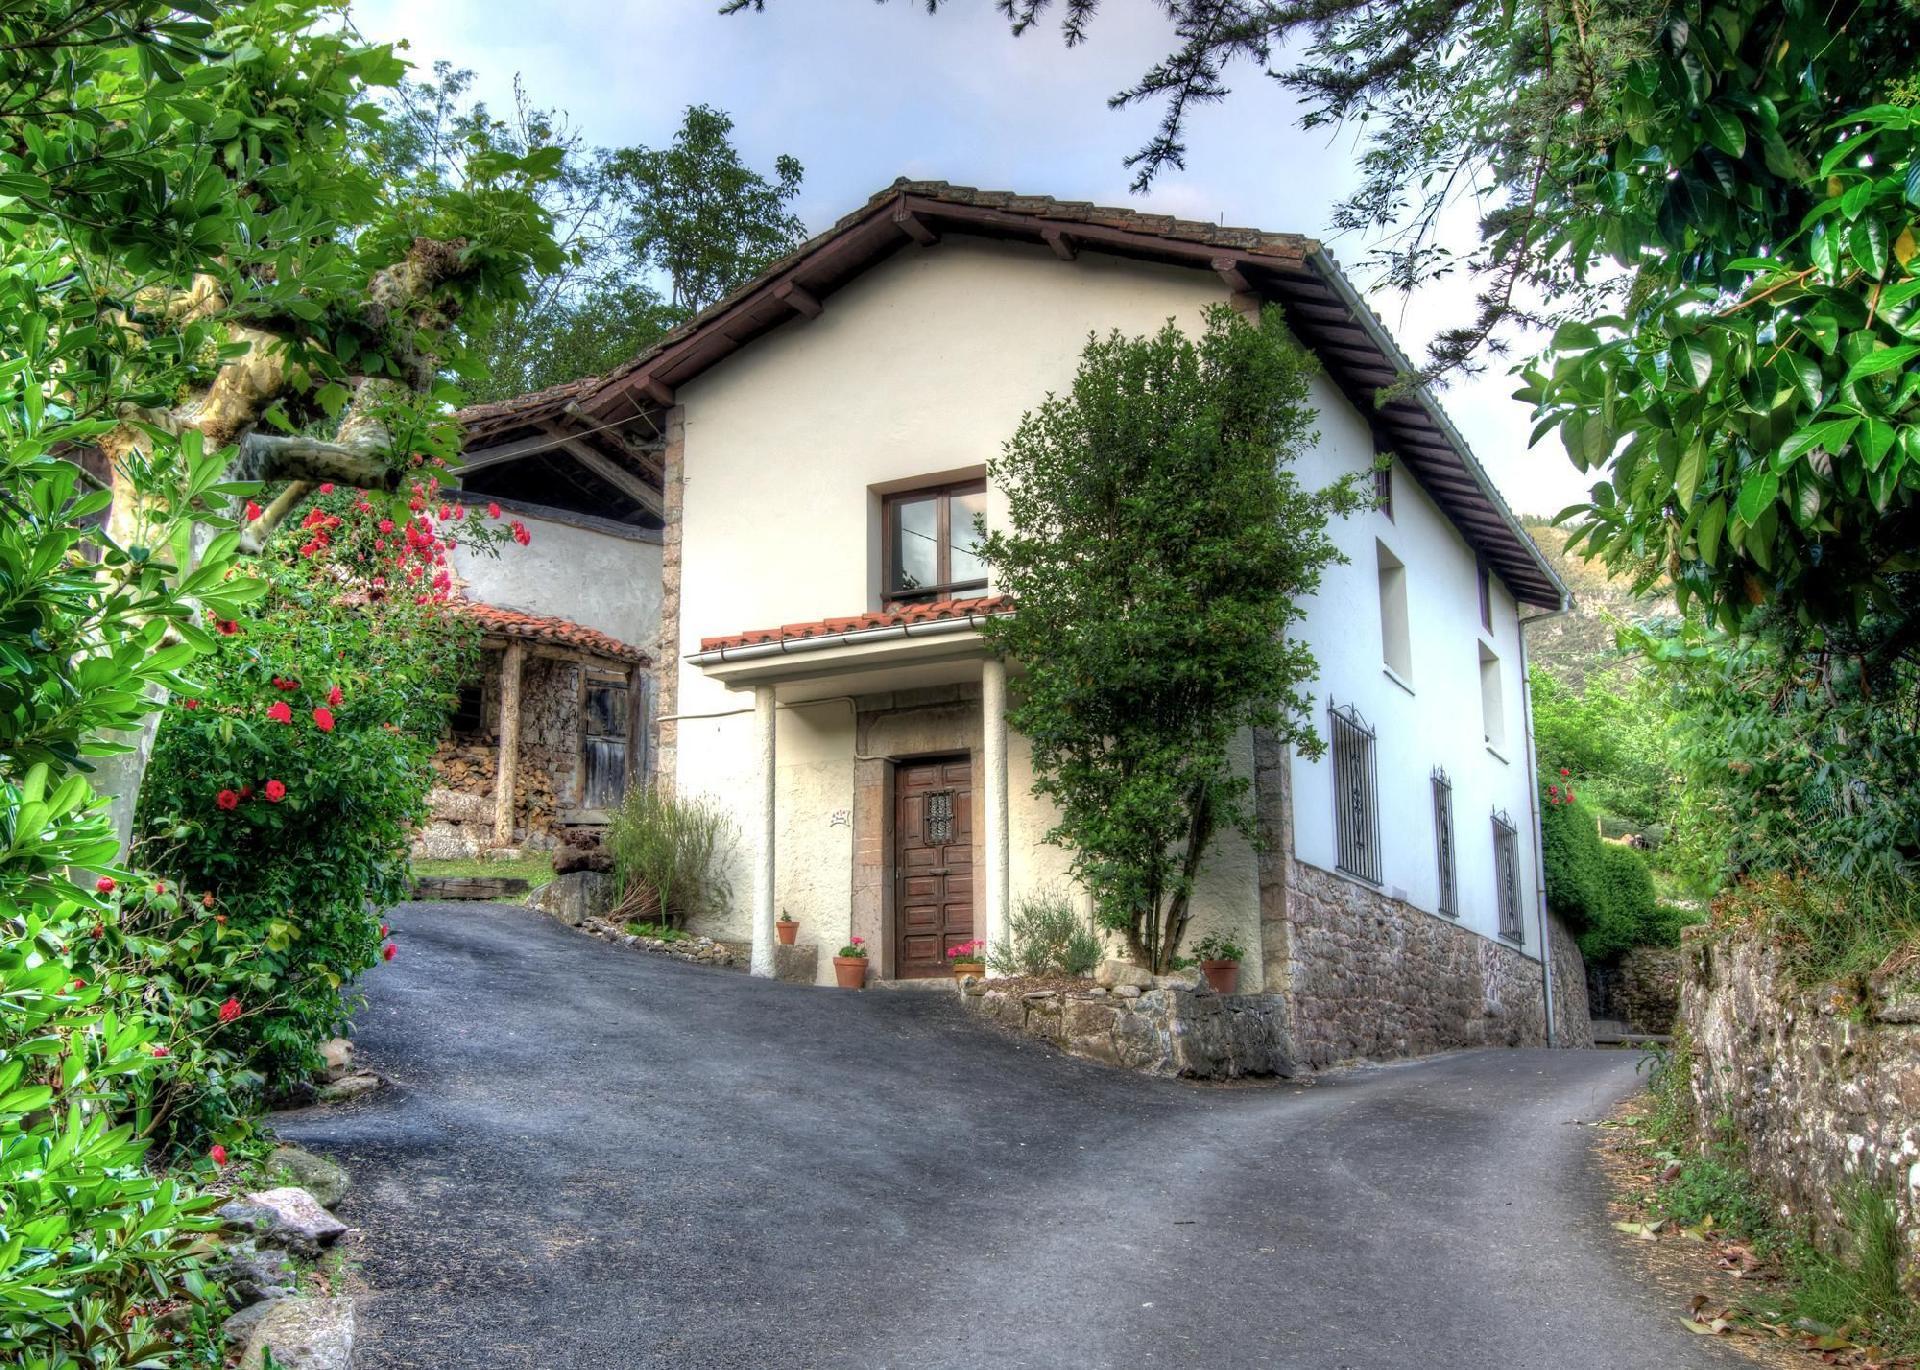 Ferienhaus für 6 Personen ca. 70 m² in A